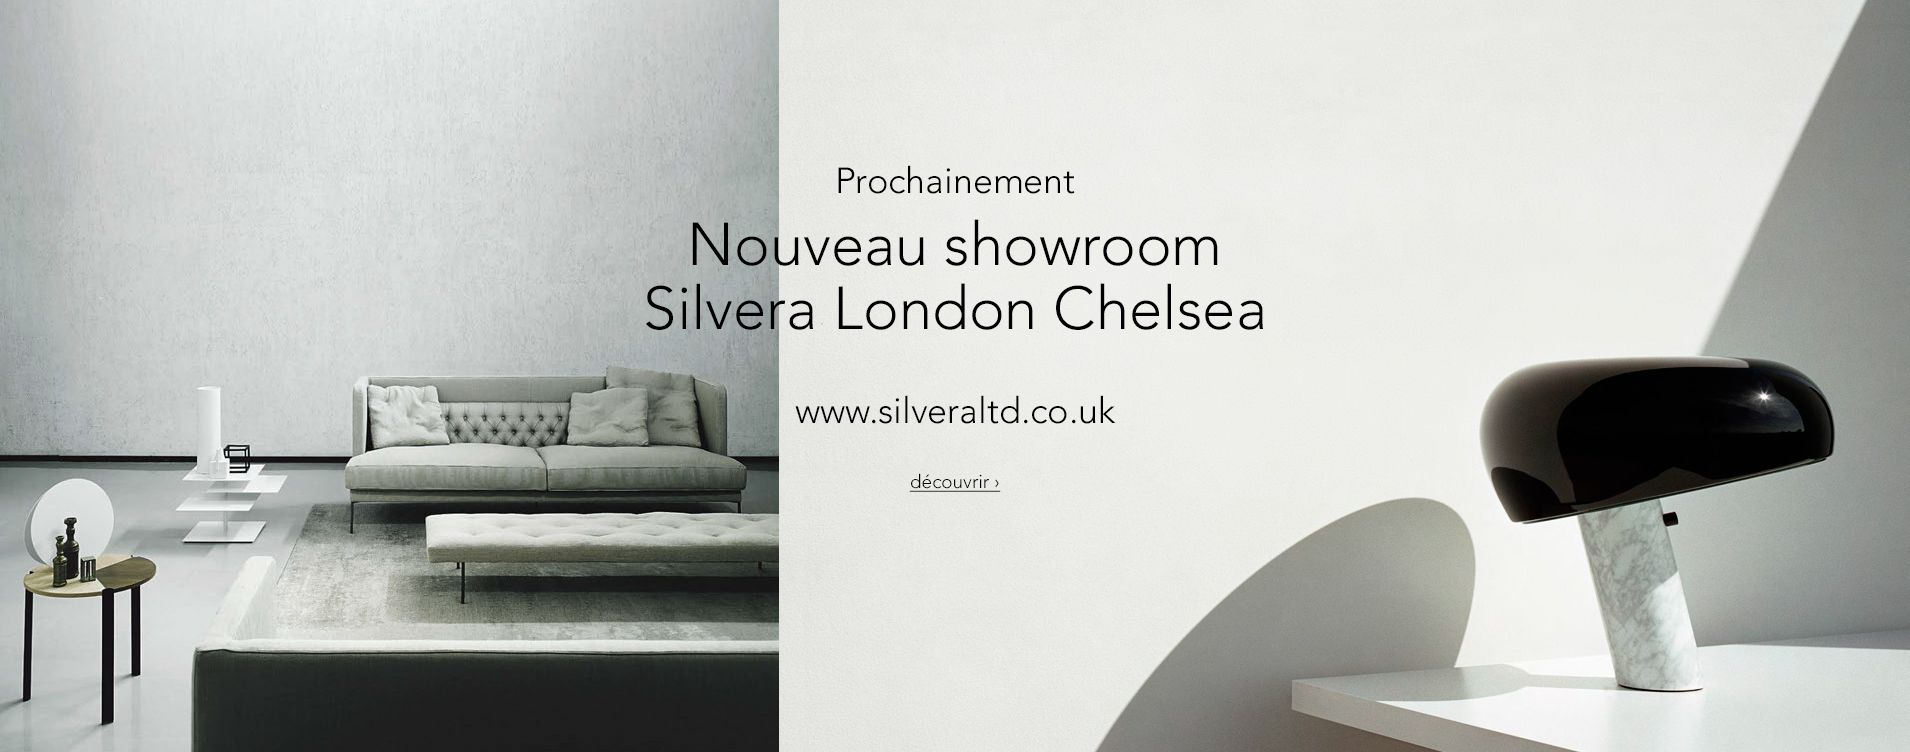 nouveau site internet en anglais et nouveau showroom a londres silvera. Black Bedroom Furniture Sets. Home Design Ideas